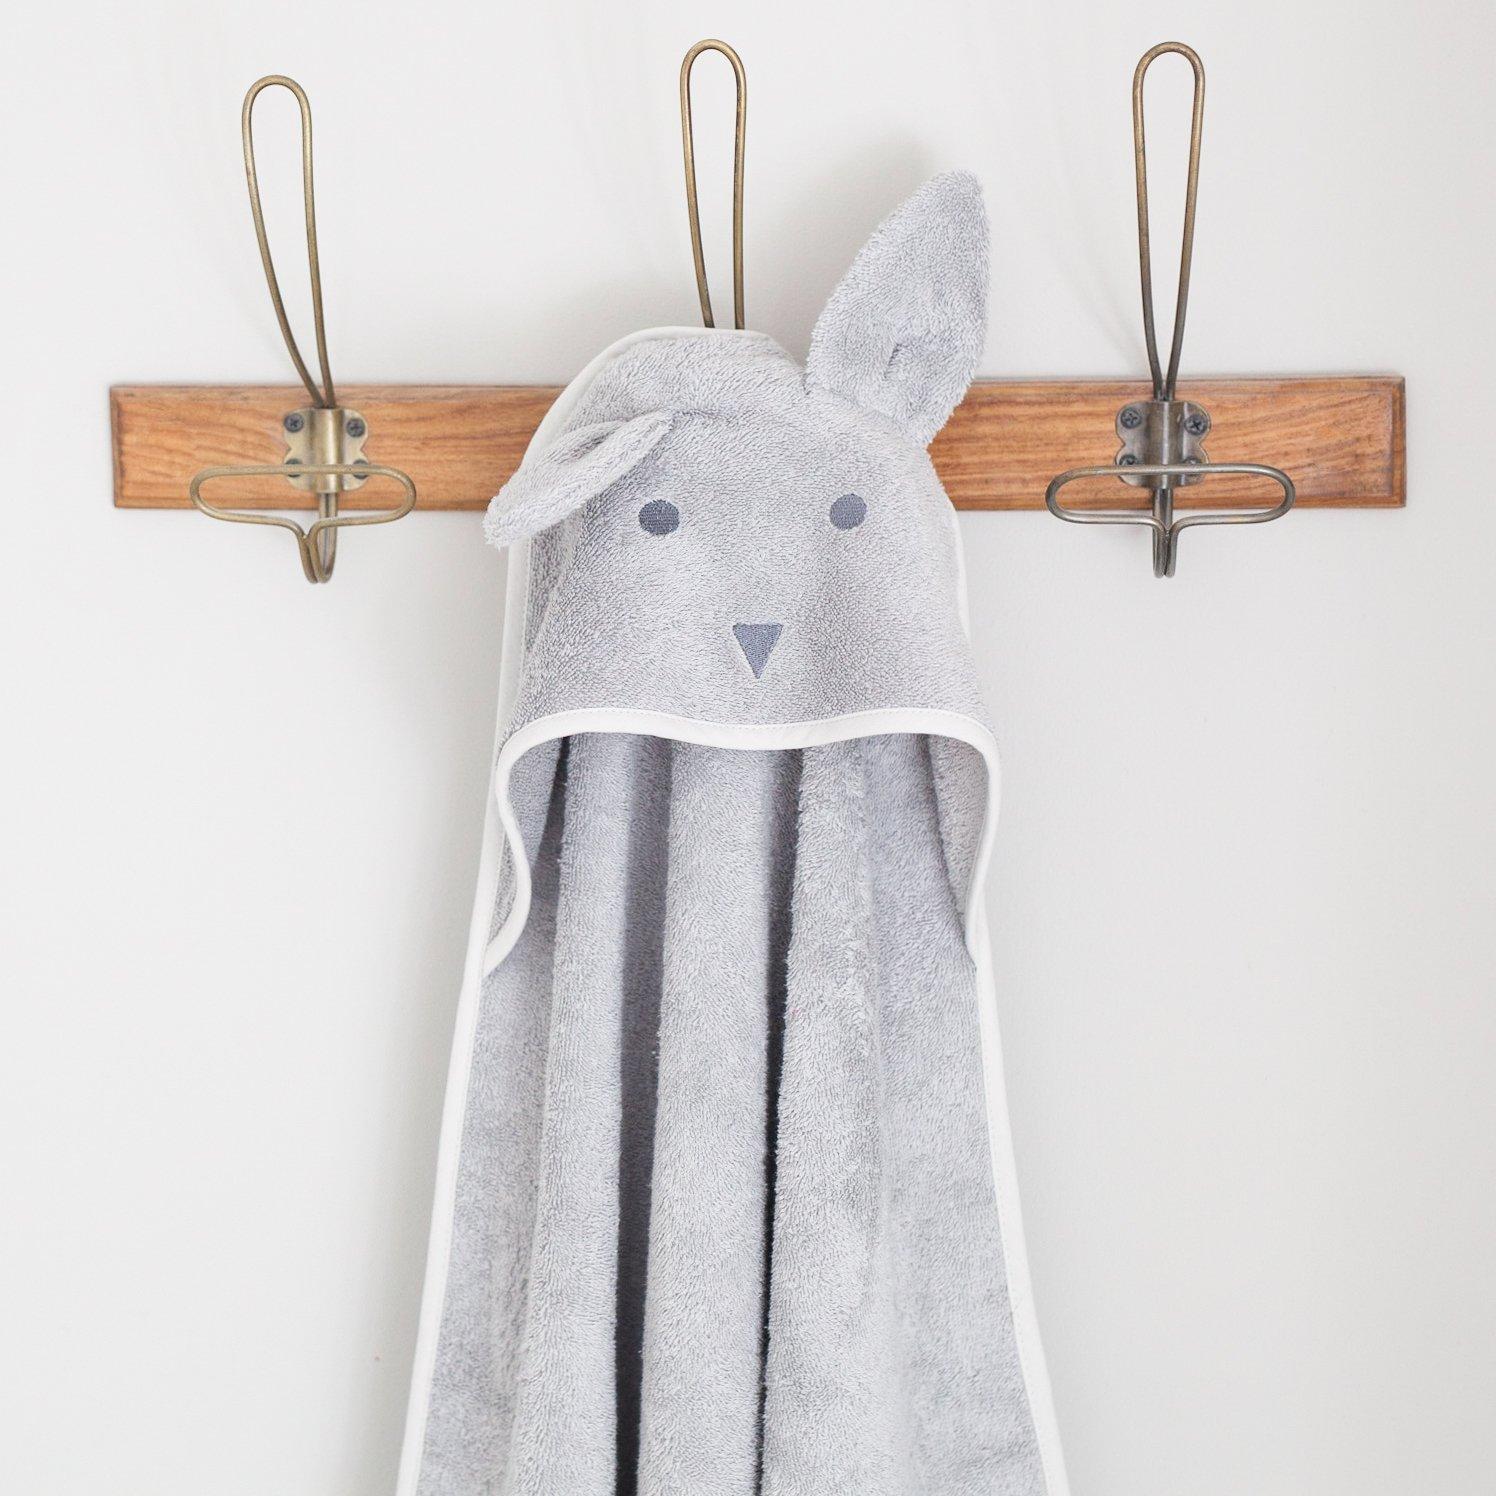 Das Kapuzentuch ist ein sch/önes neues Babygeschenk. Premium Beau Bunny Baby Kapuzenhandtuch 100/% Baumwolle superweiches Babyhandtuch in einem sch/önen sanften Grau